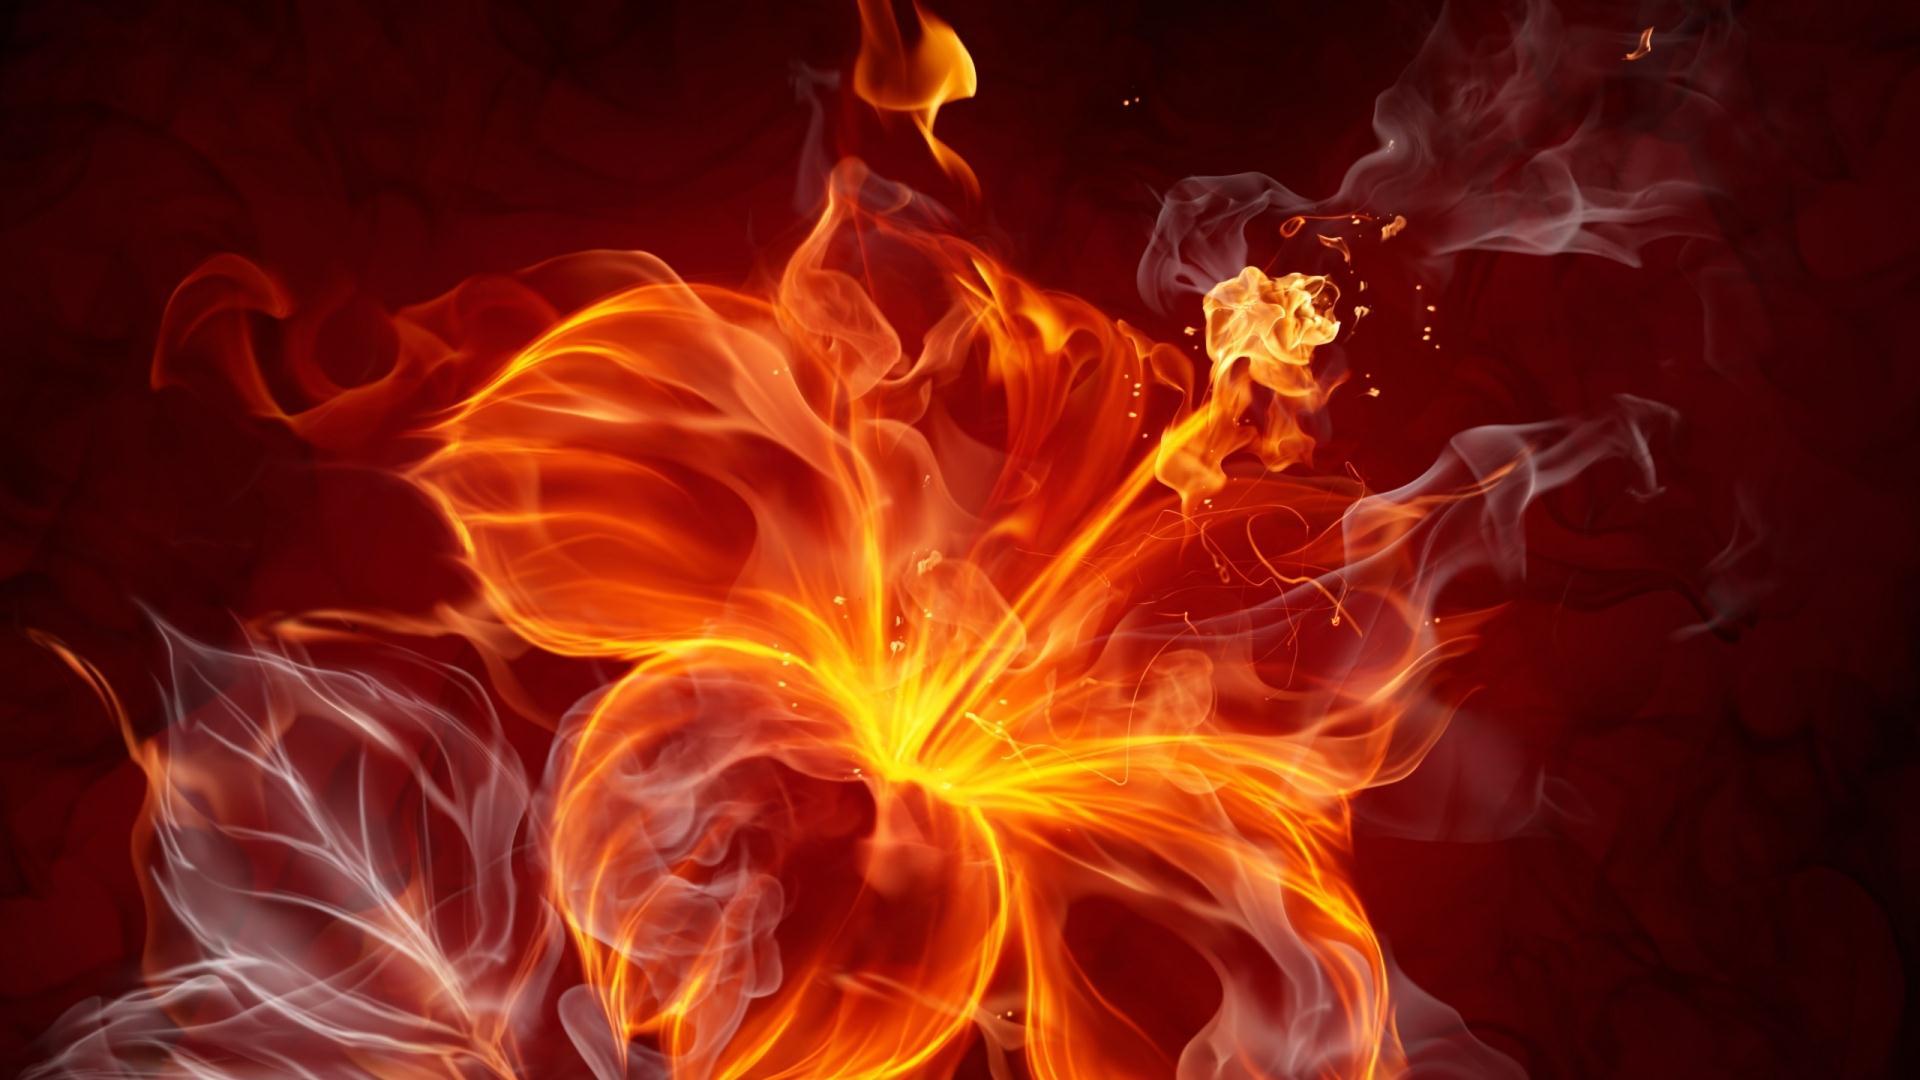 Hình nền hoa lửa cực đẹp